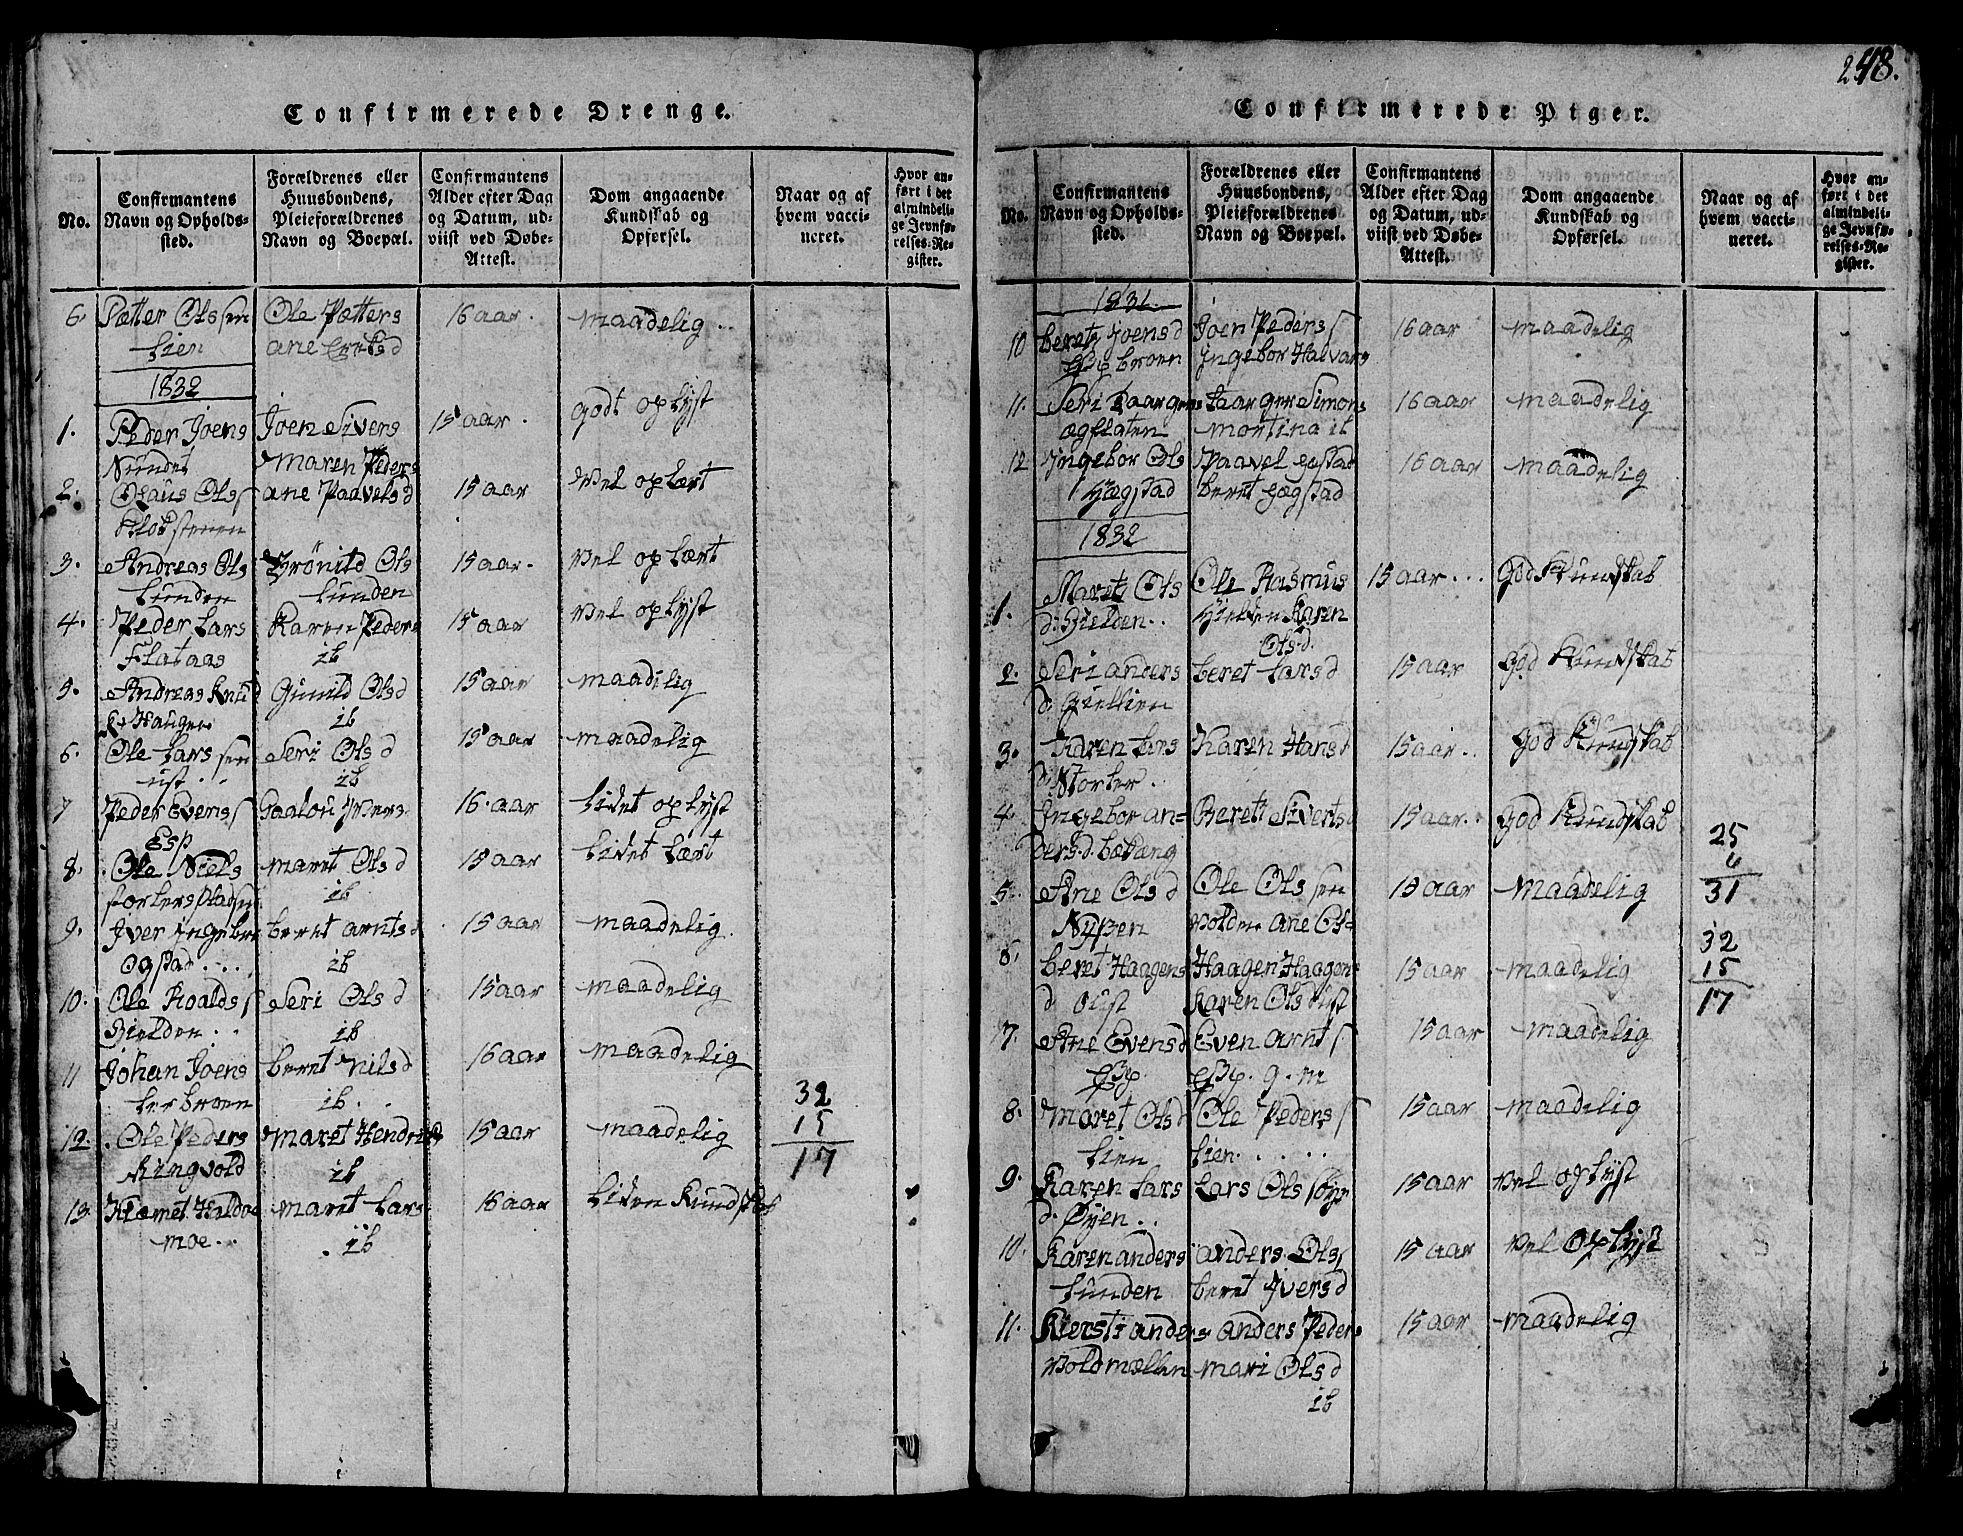 SAT, Ministerialprotokoller, klokkerbøker og fødselsregistre - Sør-Trøndelag, 613/L0393: Klokkerbok nr. 613C01, 1816-1886, s. 248